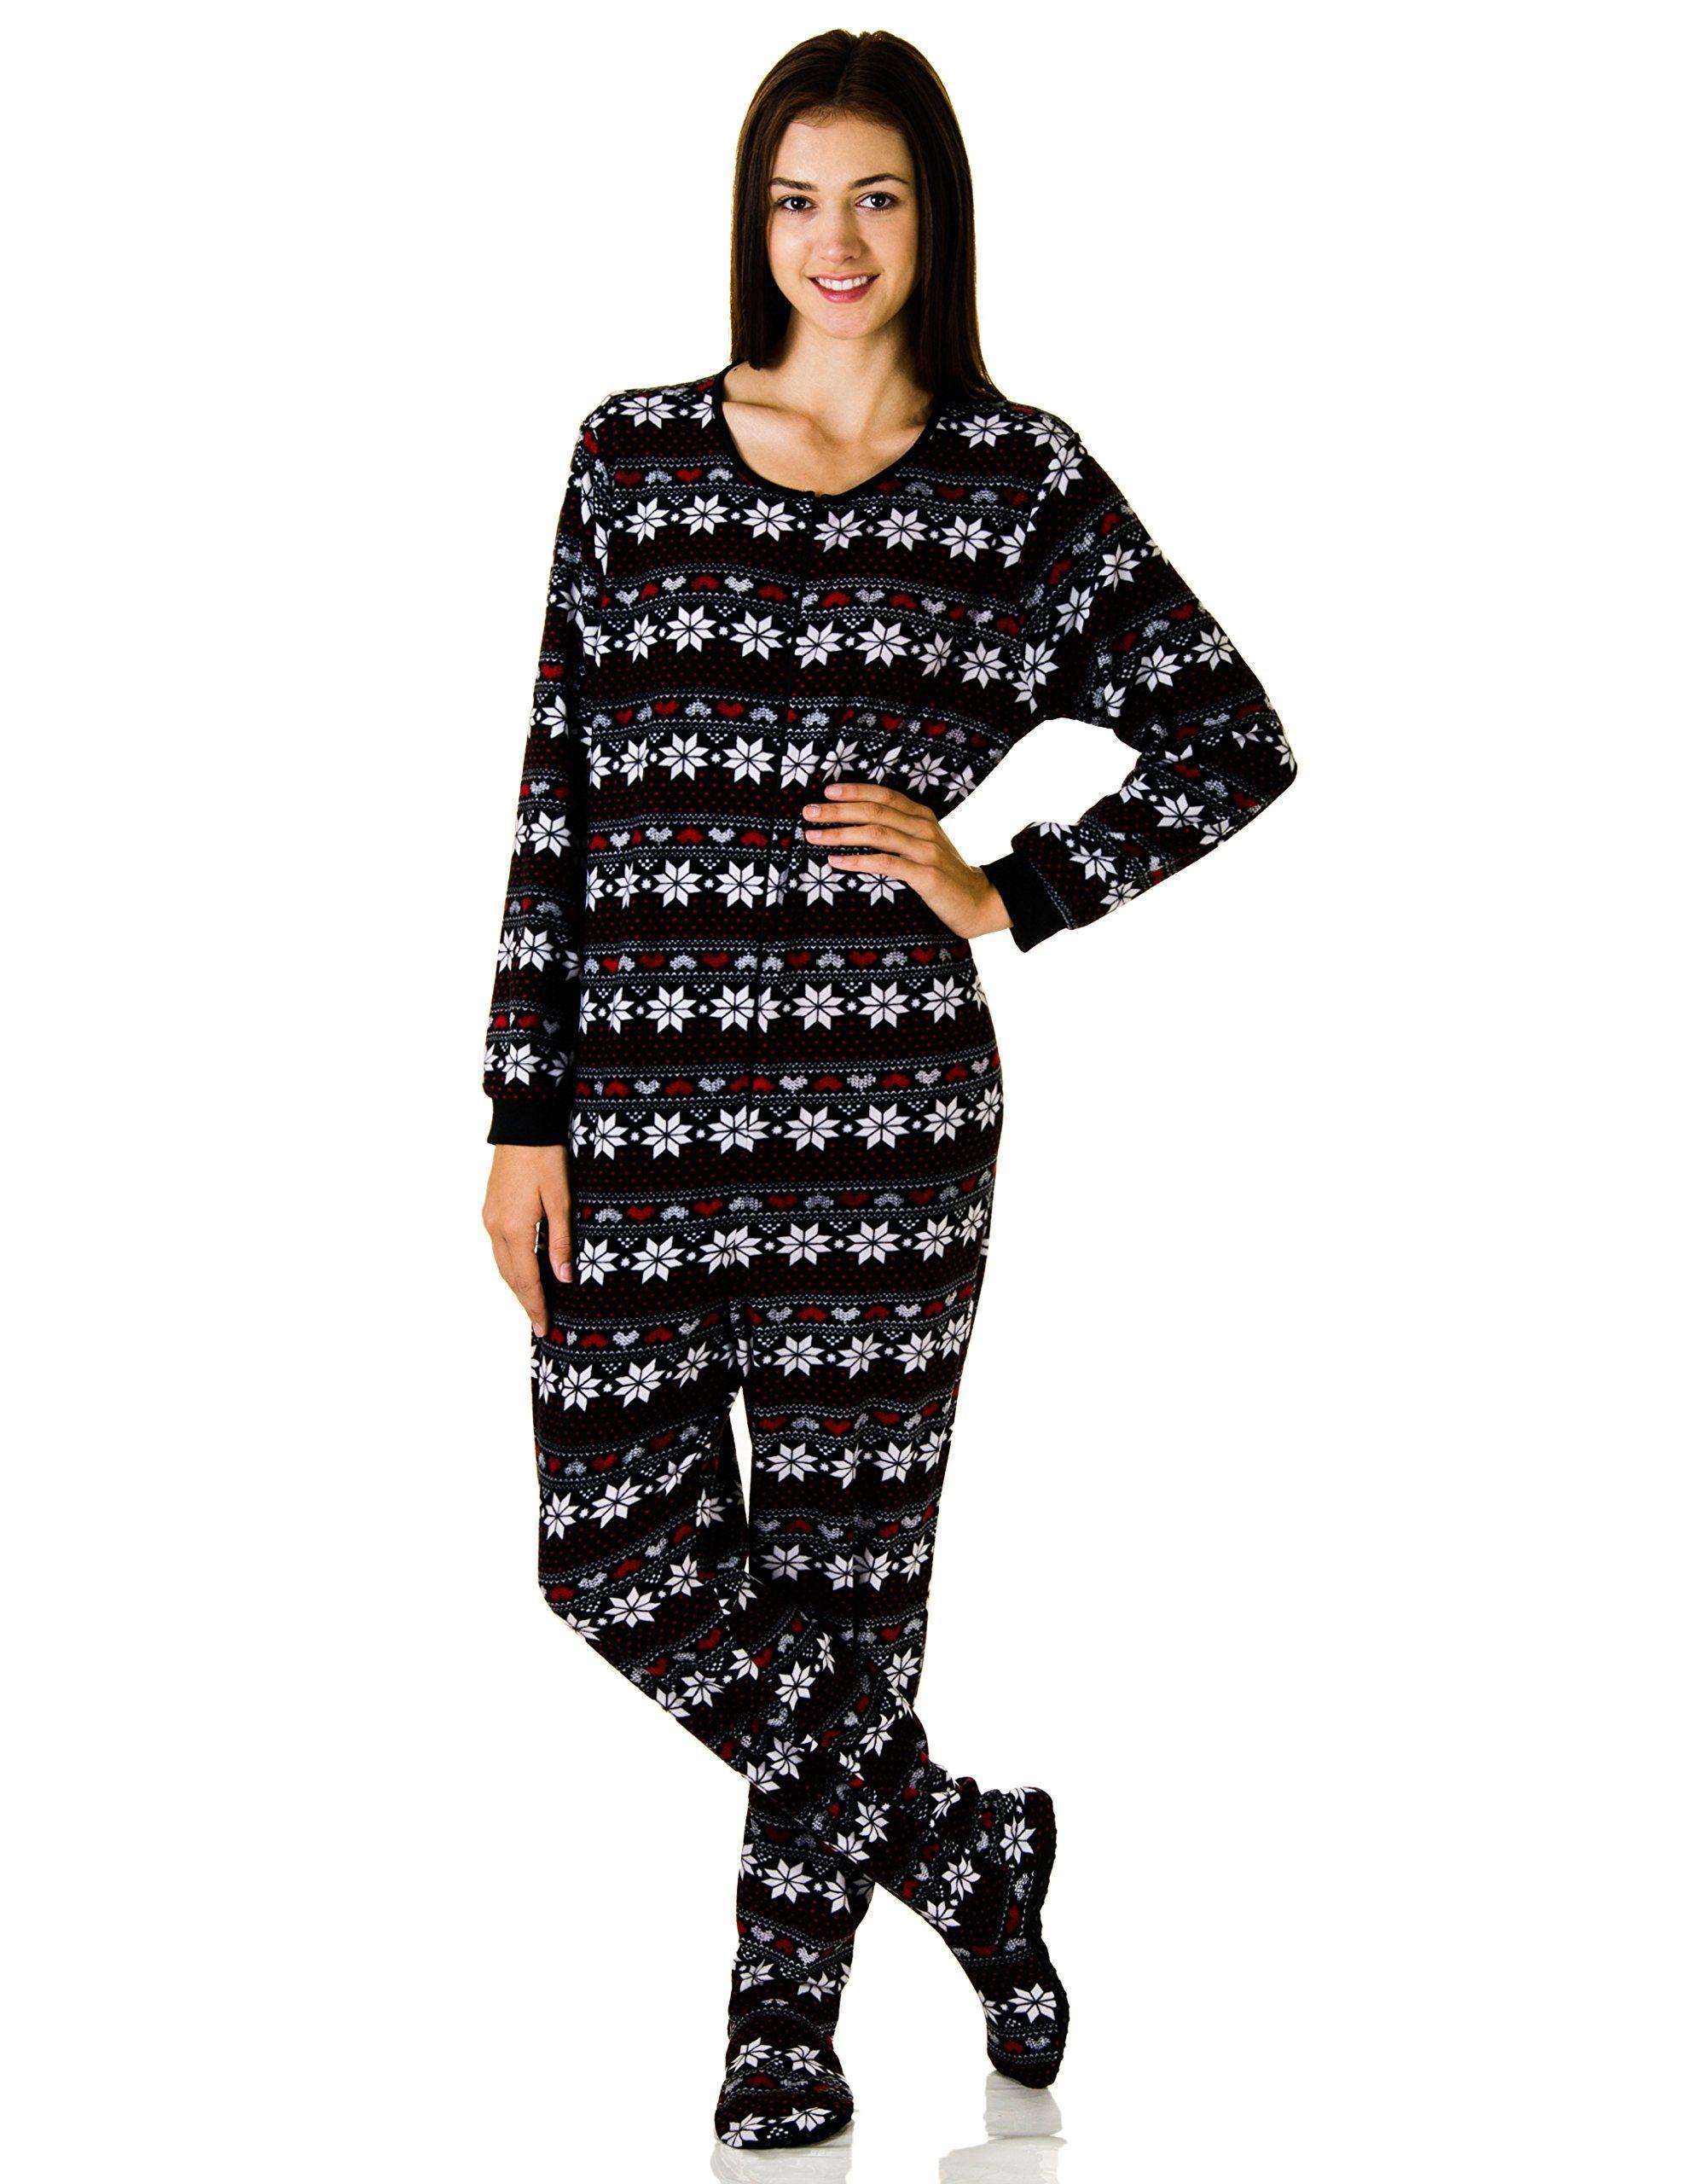 amazoncom rene rofe juniors plush onesie footie pajamas clothing - Juniors Christmas Pajamas